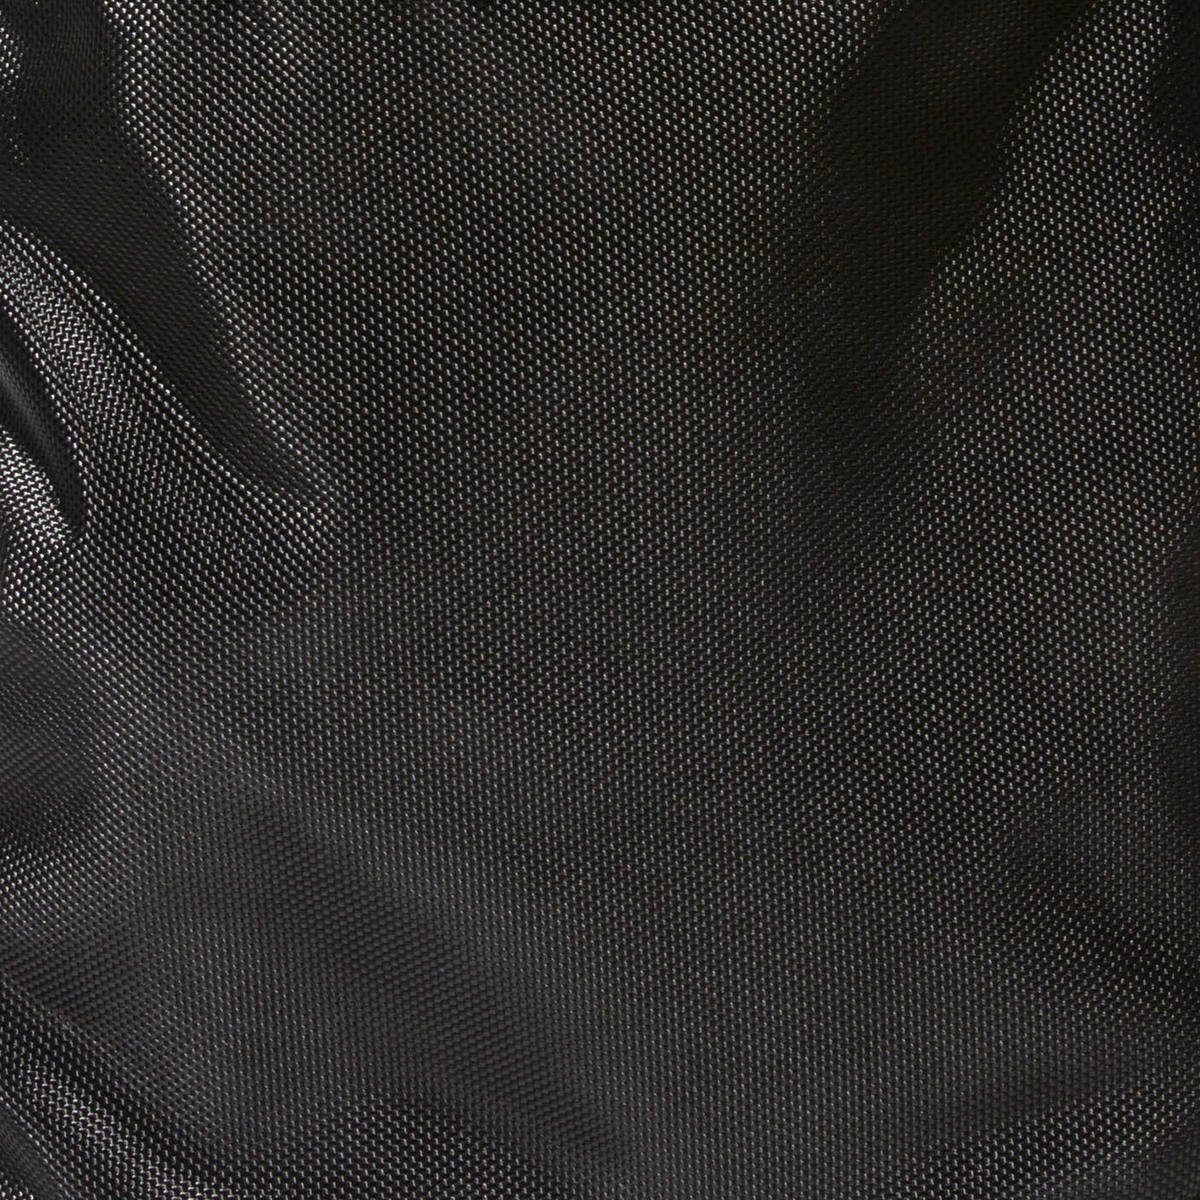 ボディーの素材は摩擦に強く、軽量・丈夫な1680デニールの「ポリエステルオックス」を採用した「遊びトート」| OKERU MONOCO限定